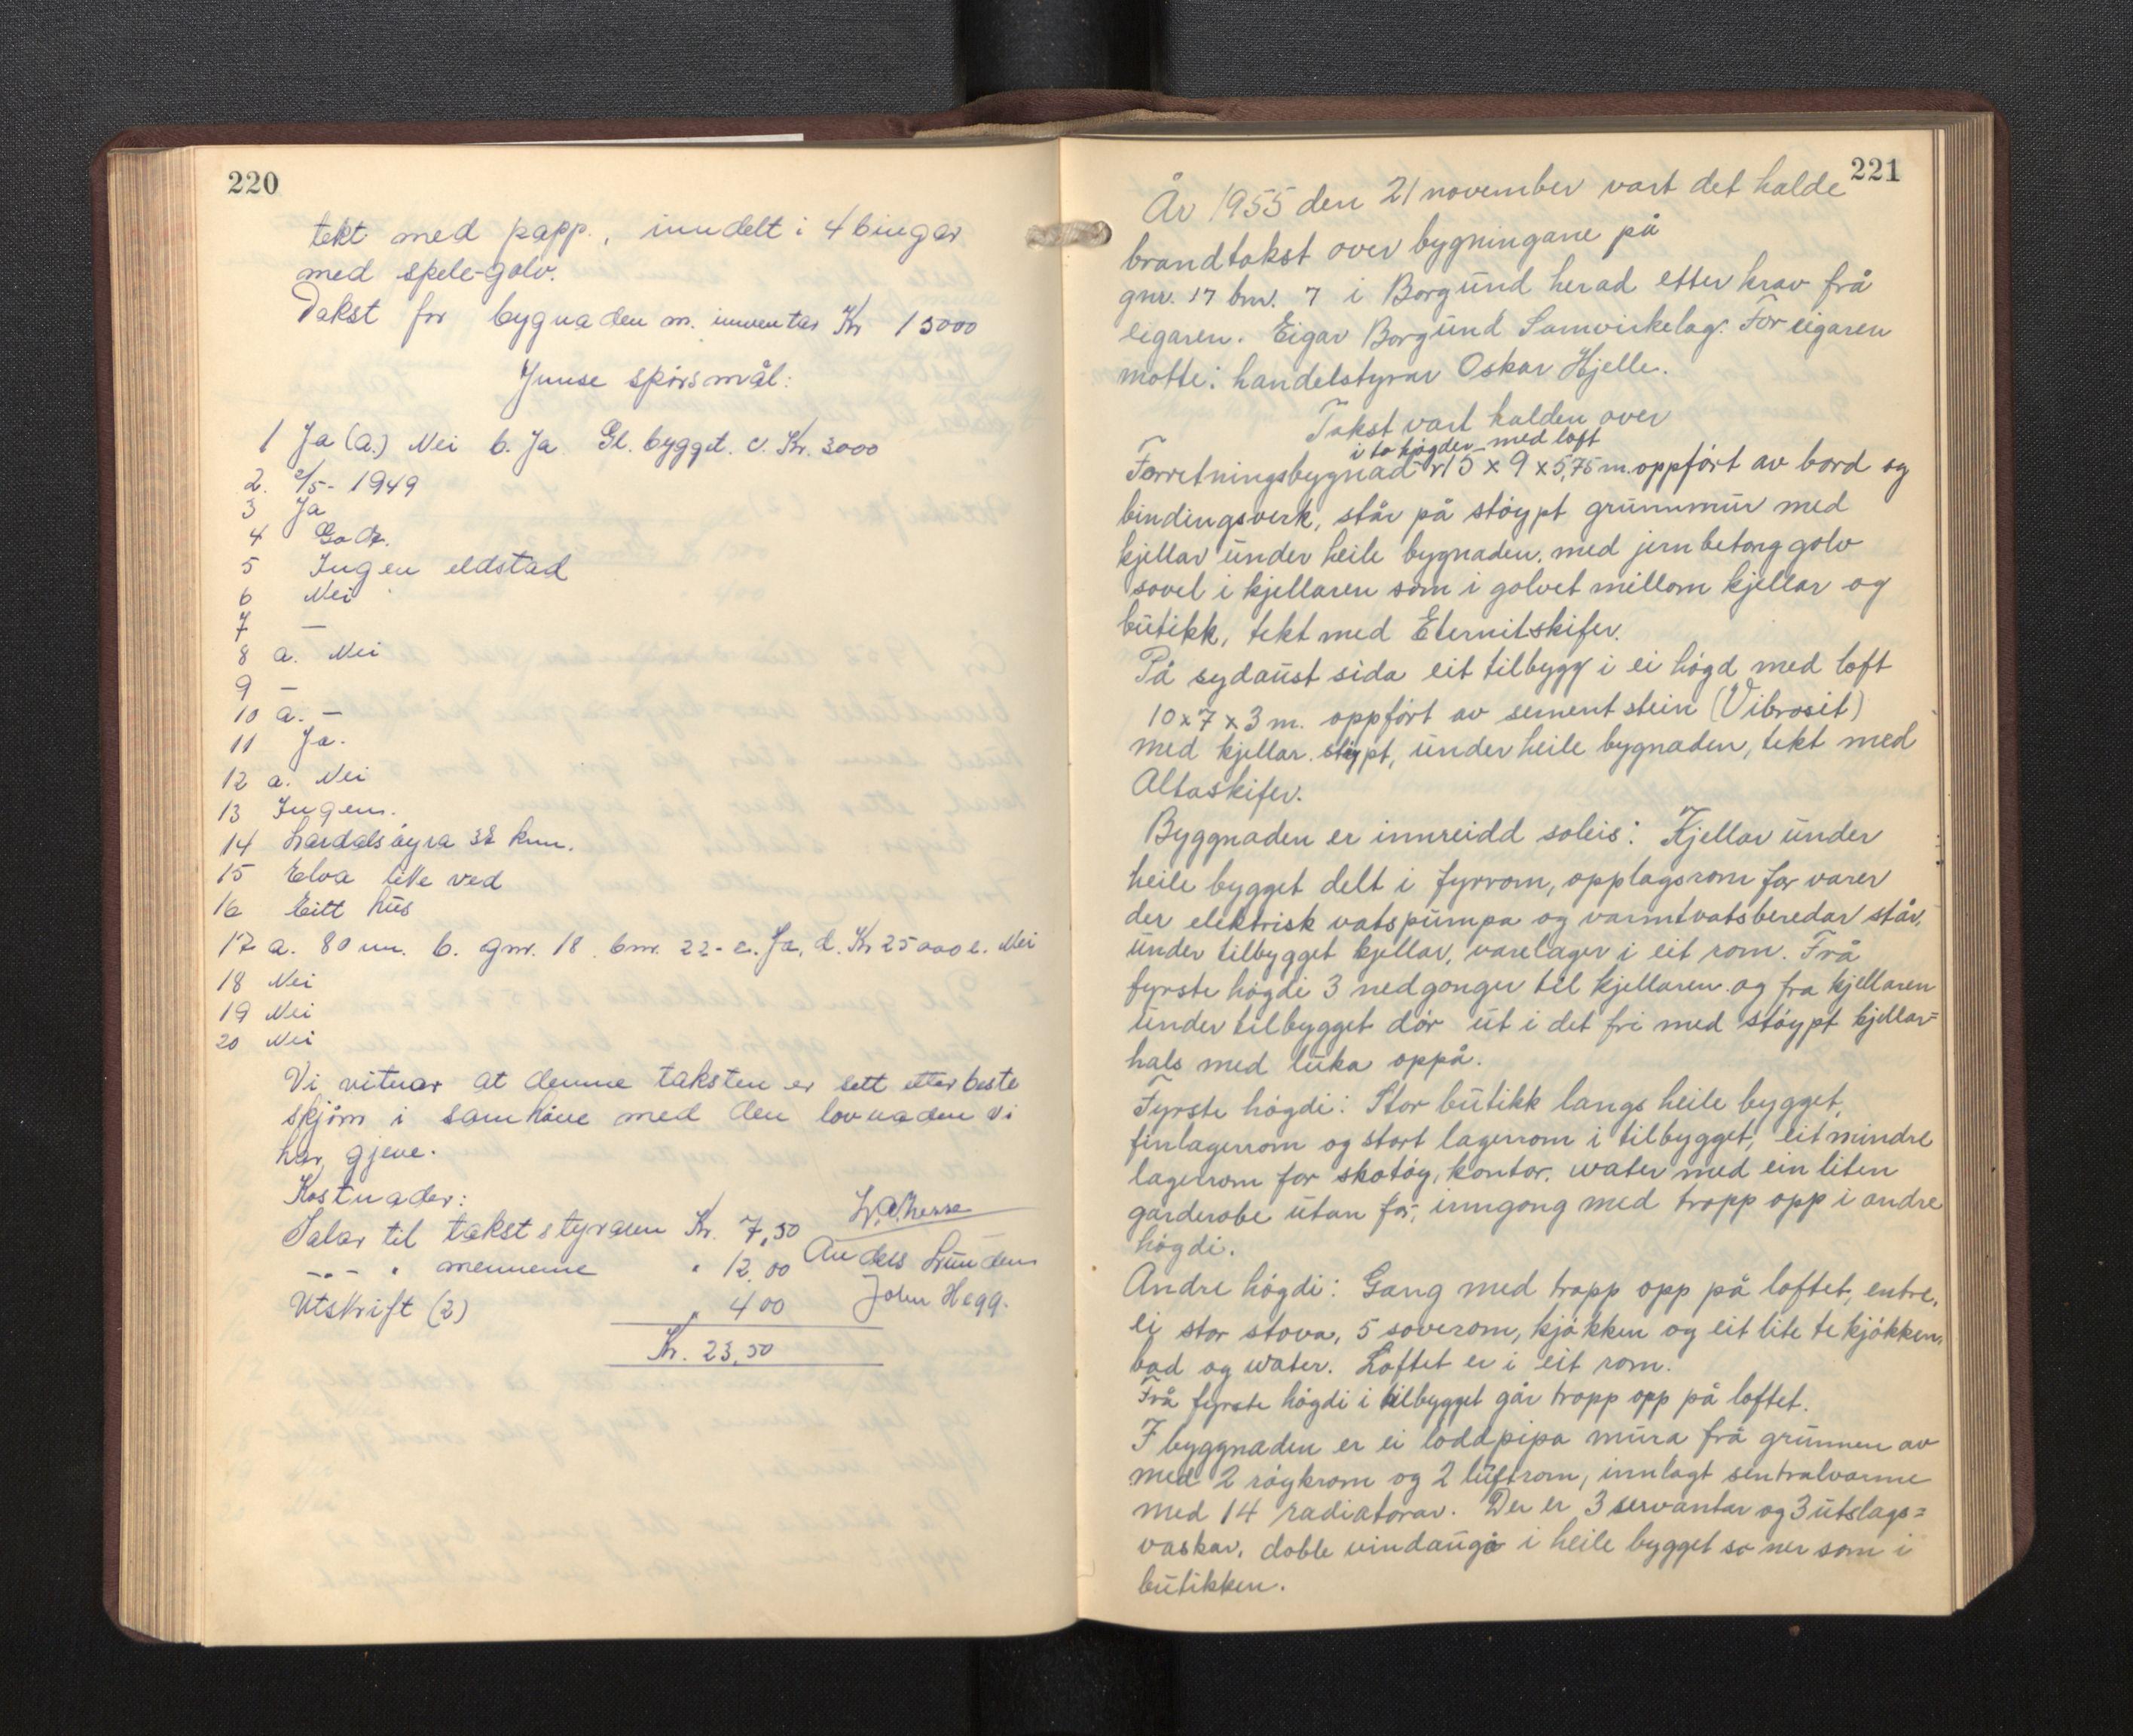 SAB, Lensmannen i Borgund, 0012/L0002: Branntakstprotokoll, 1929-1933, s. 220-221